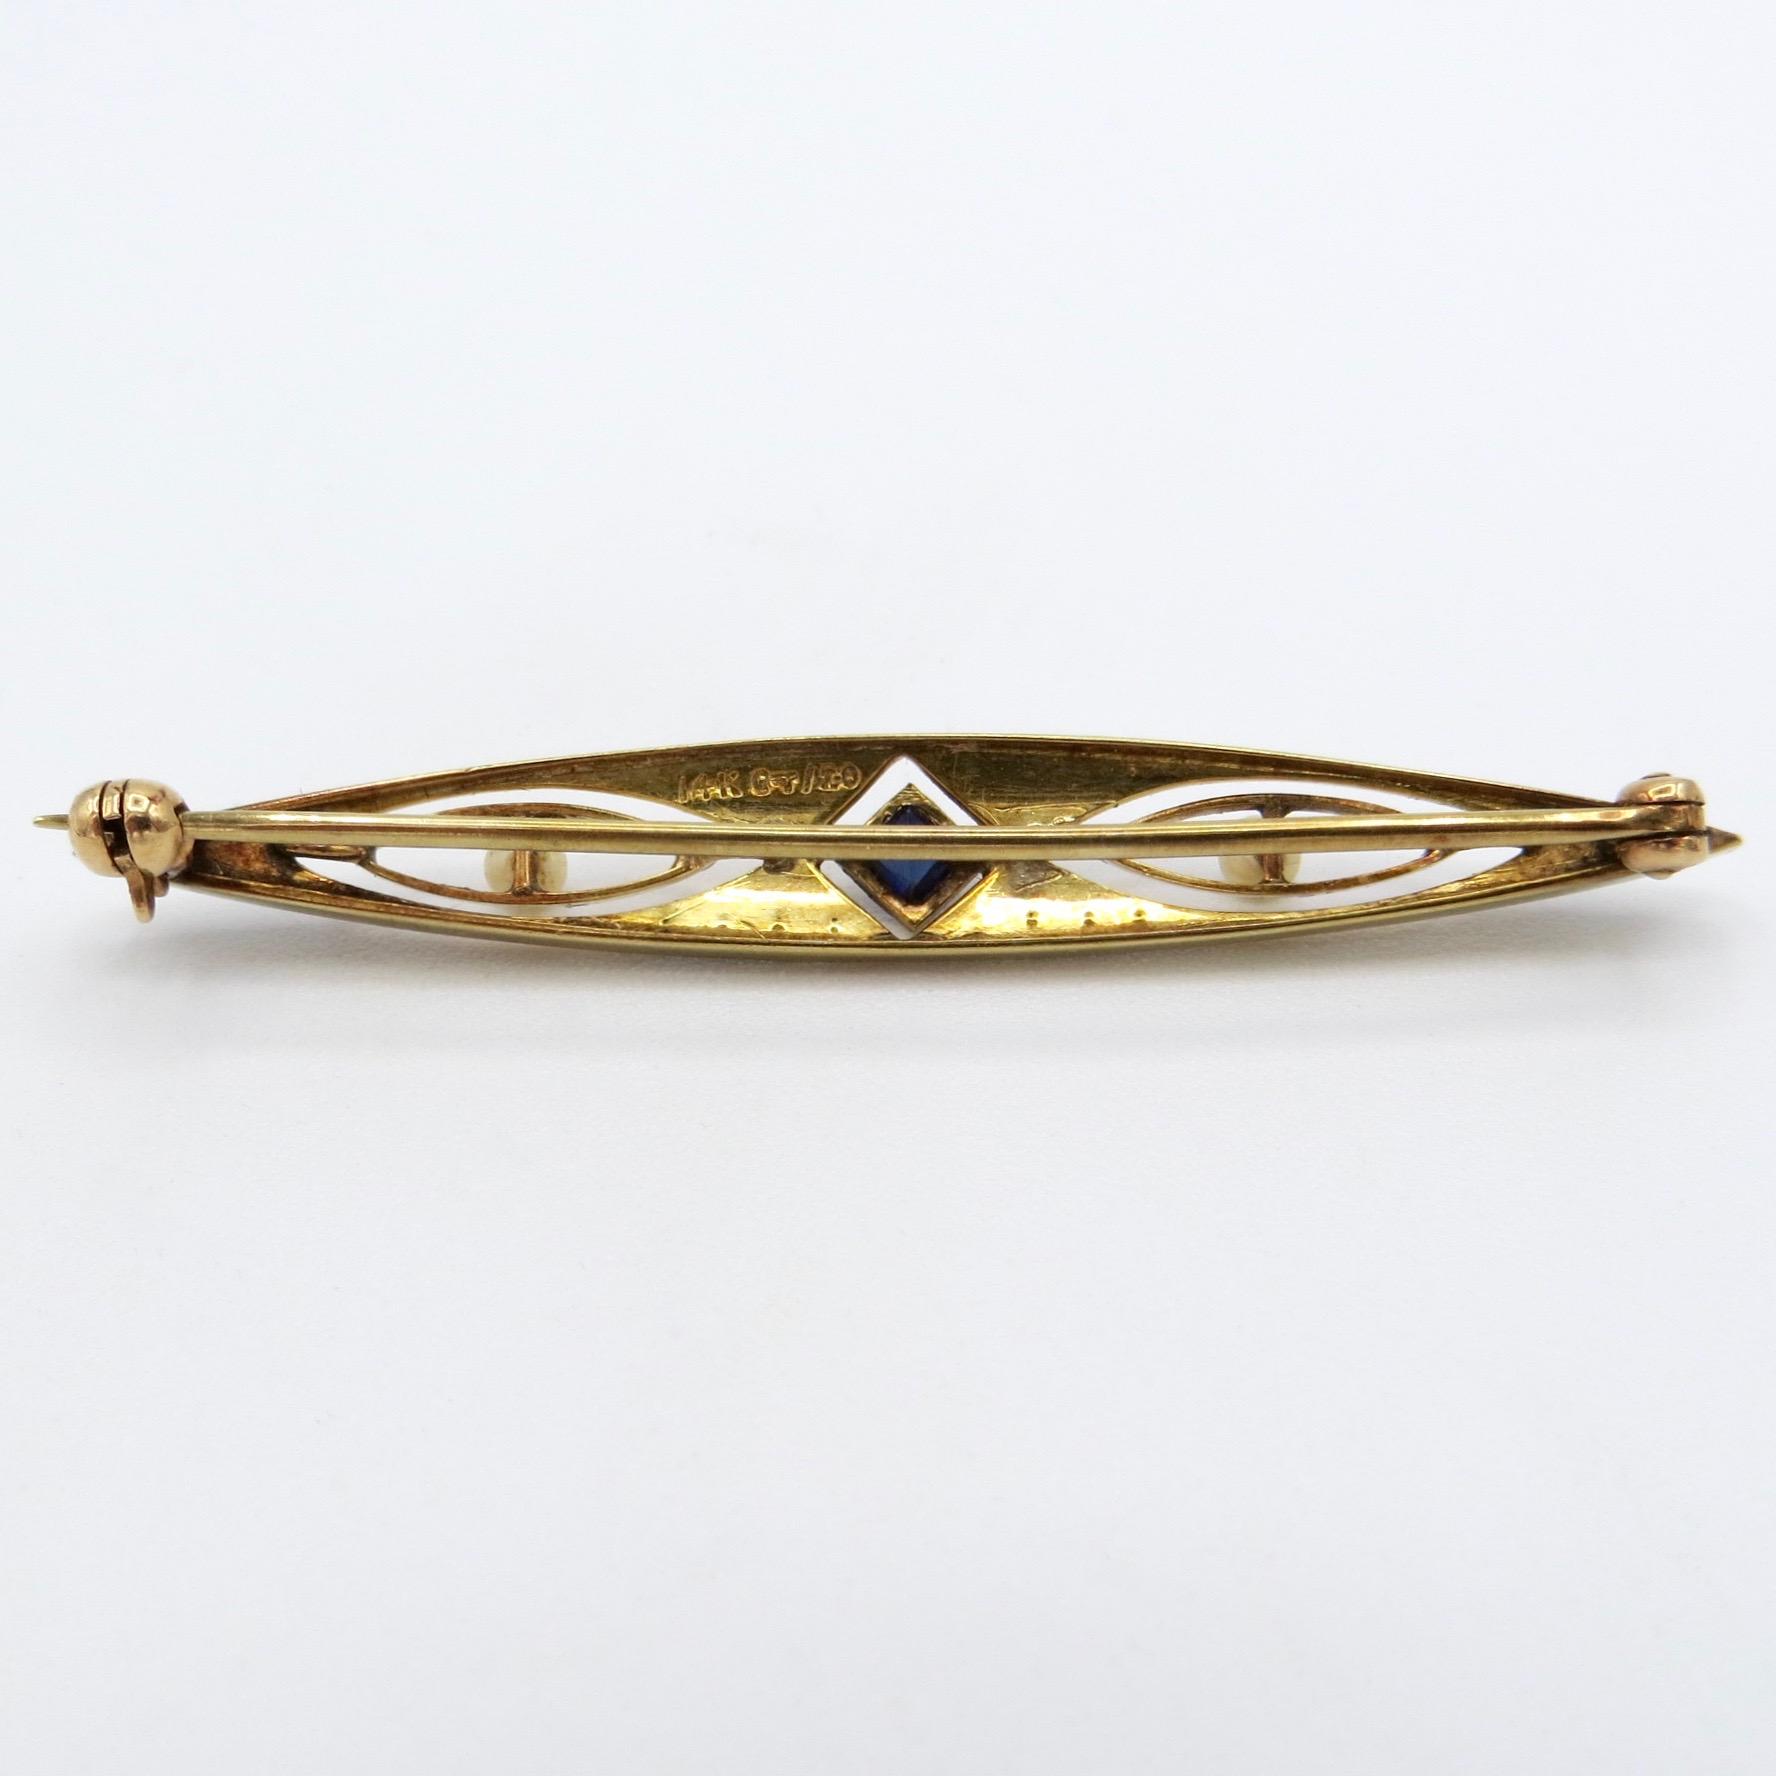 14kt Gold-Filled Brooch